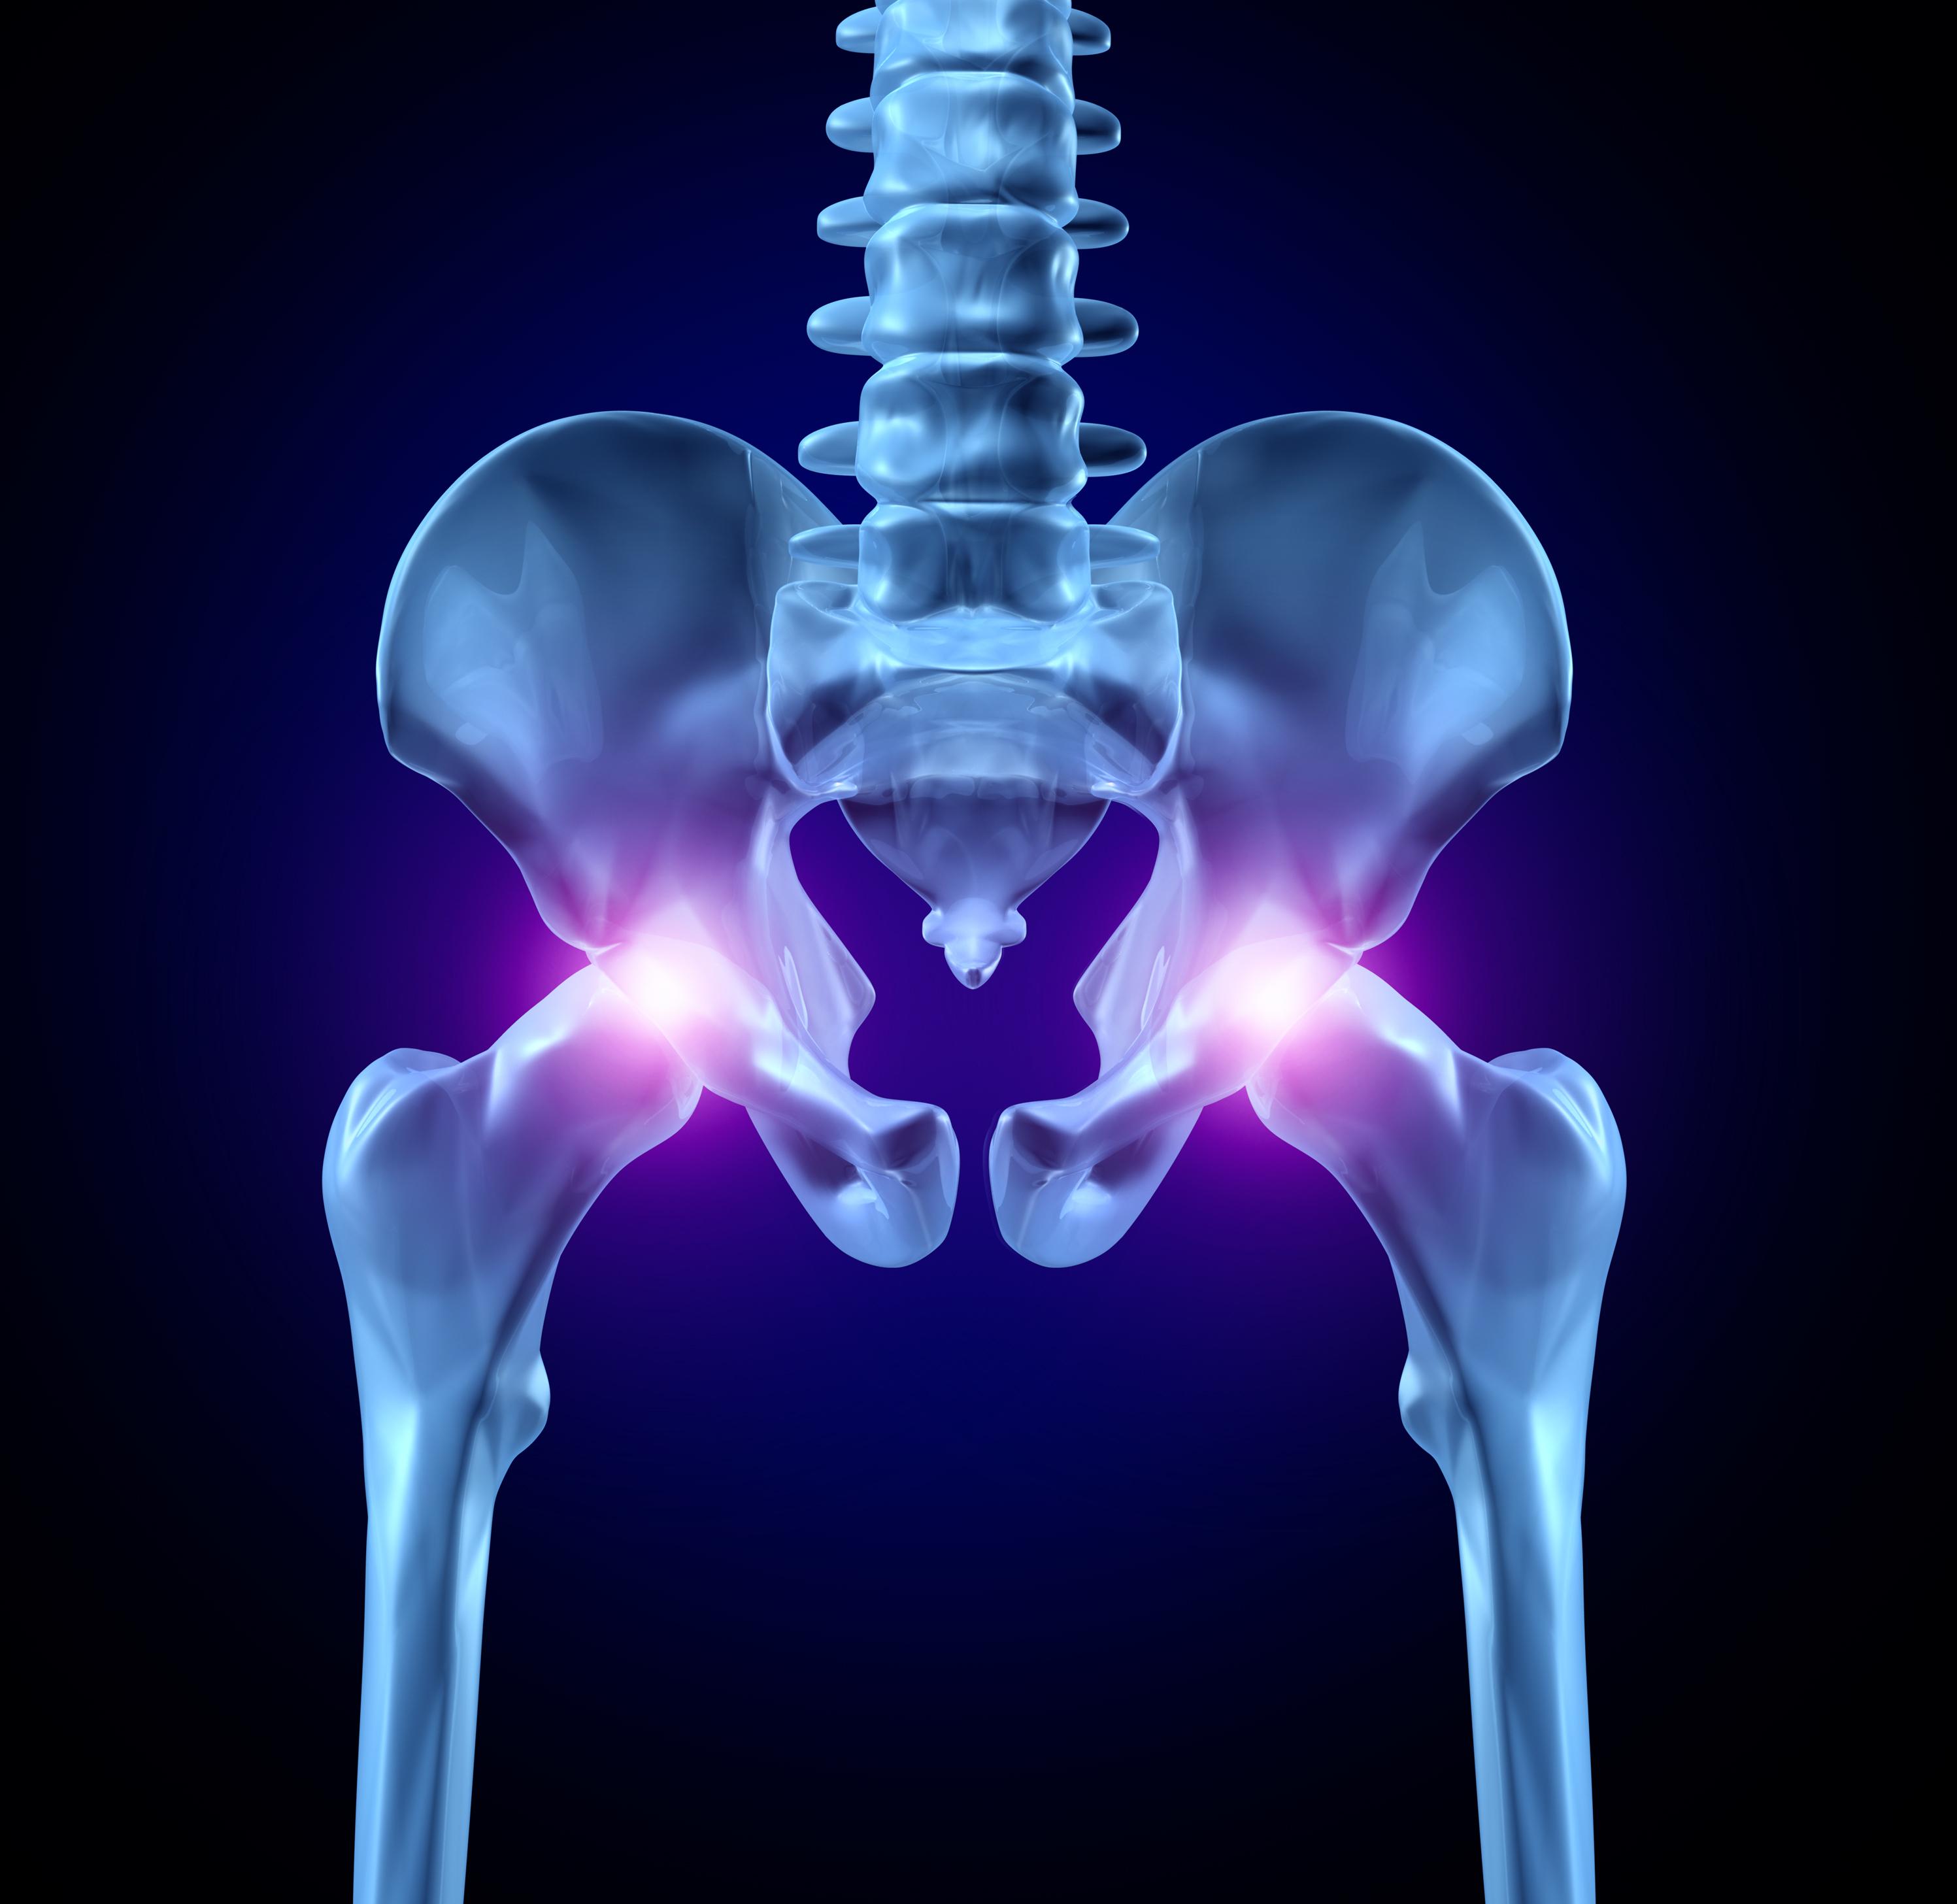 tratament eficient pentru artroza articulației șoldului